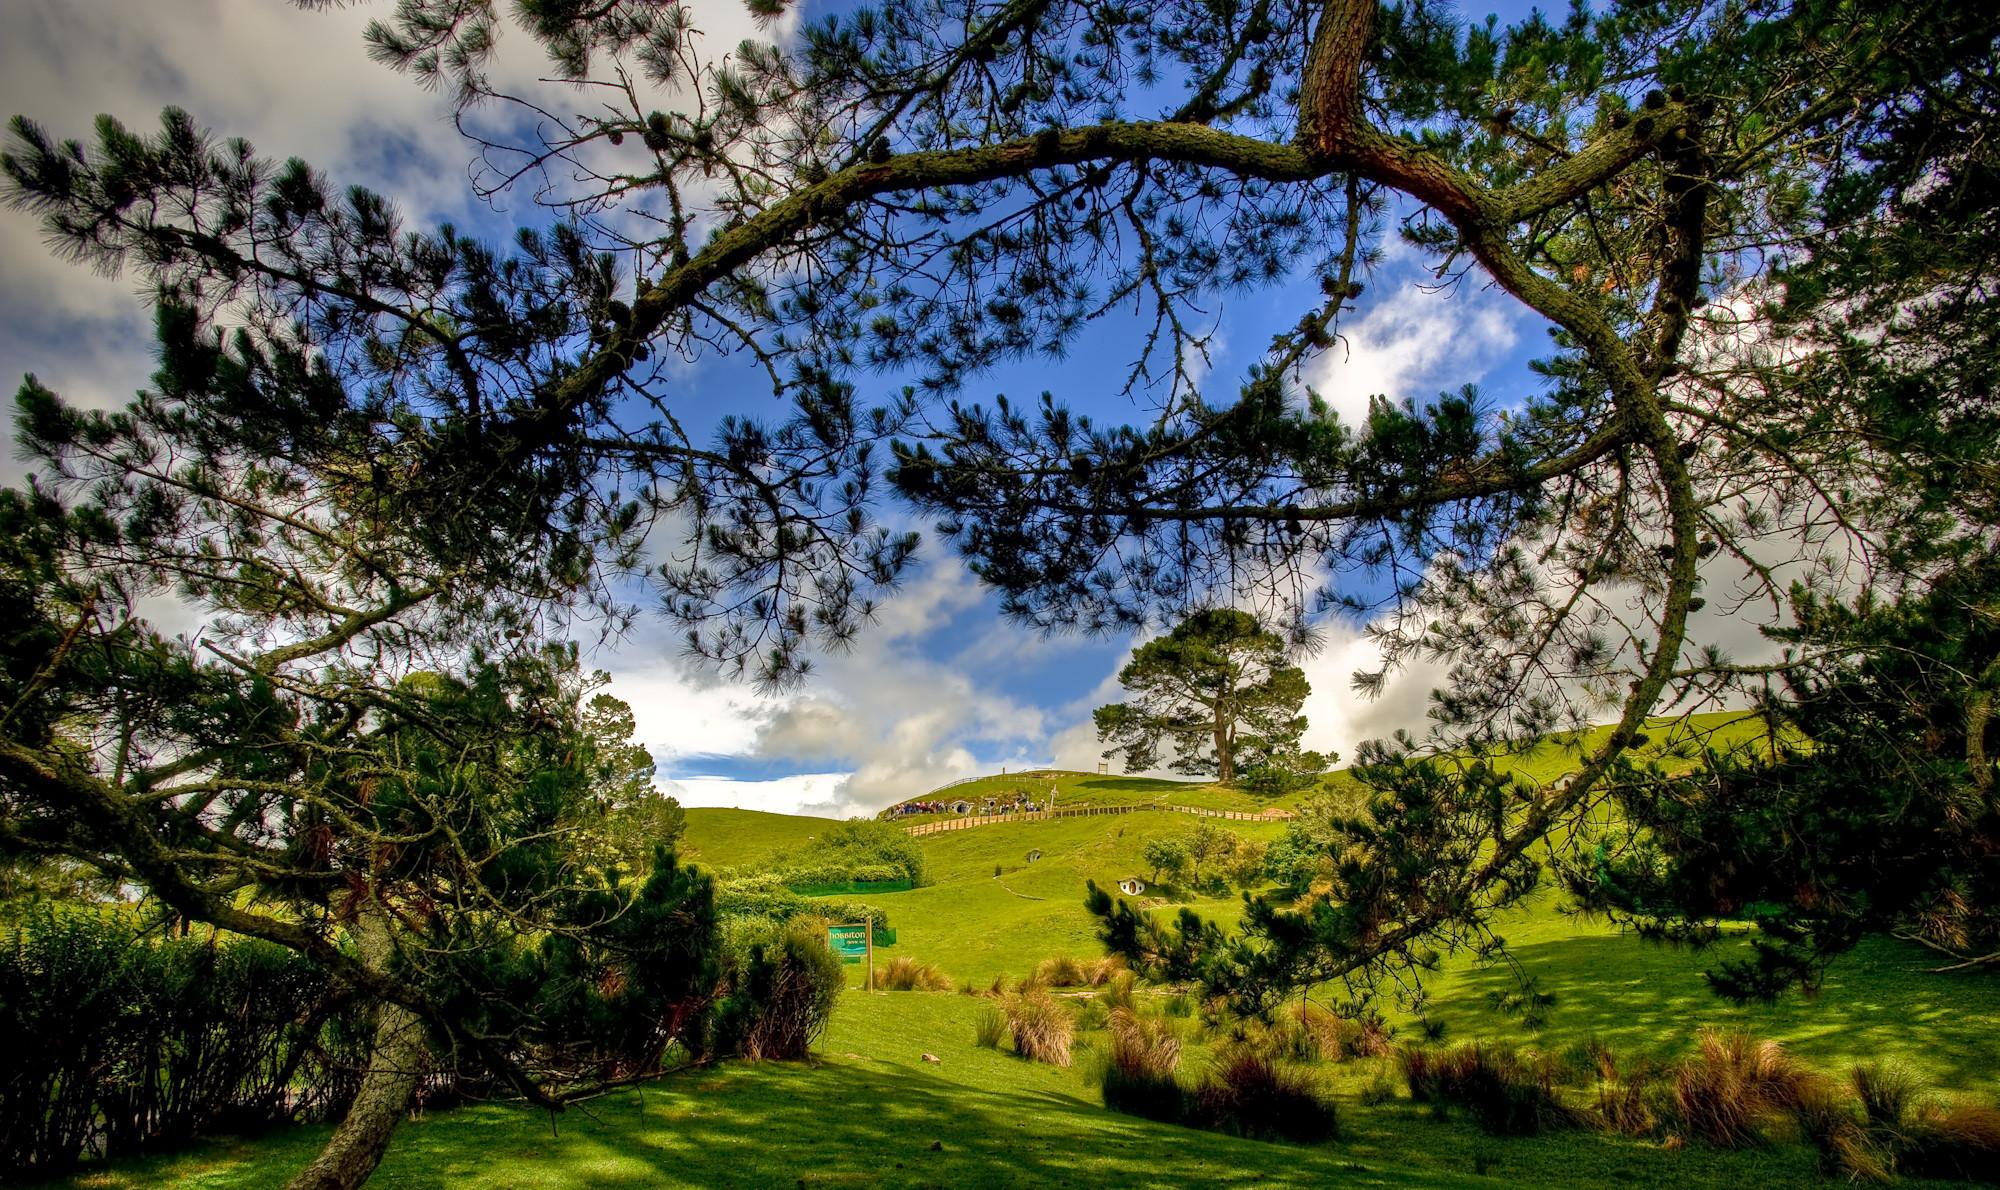 Hobbiton -New Zealand